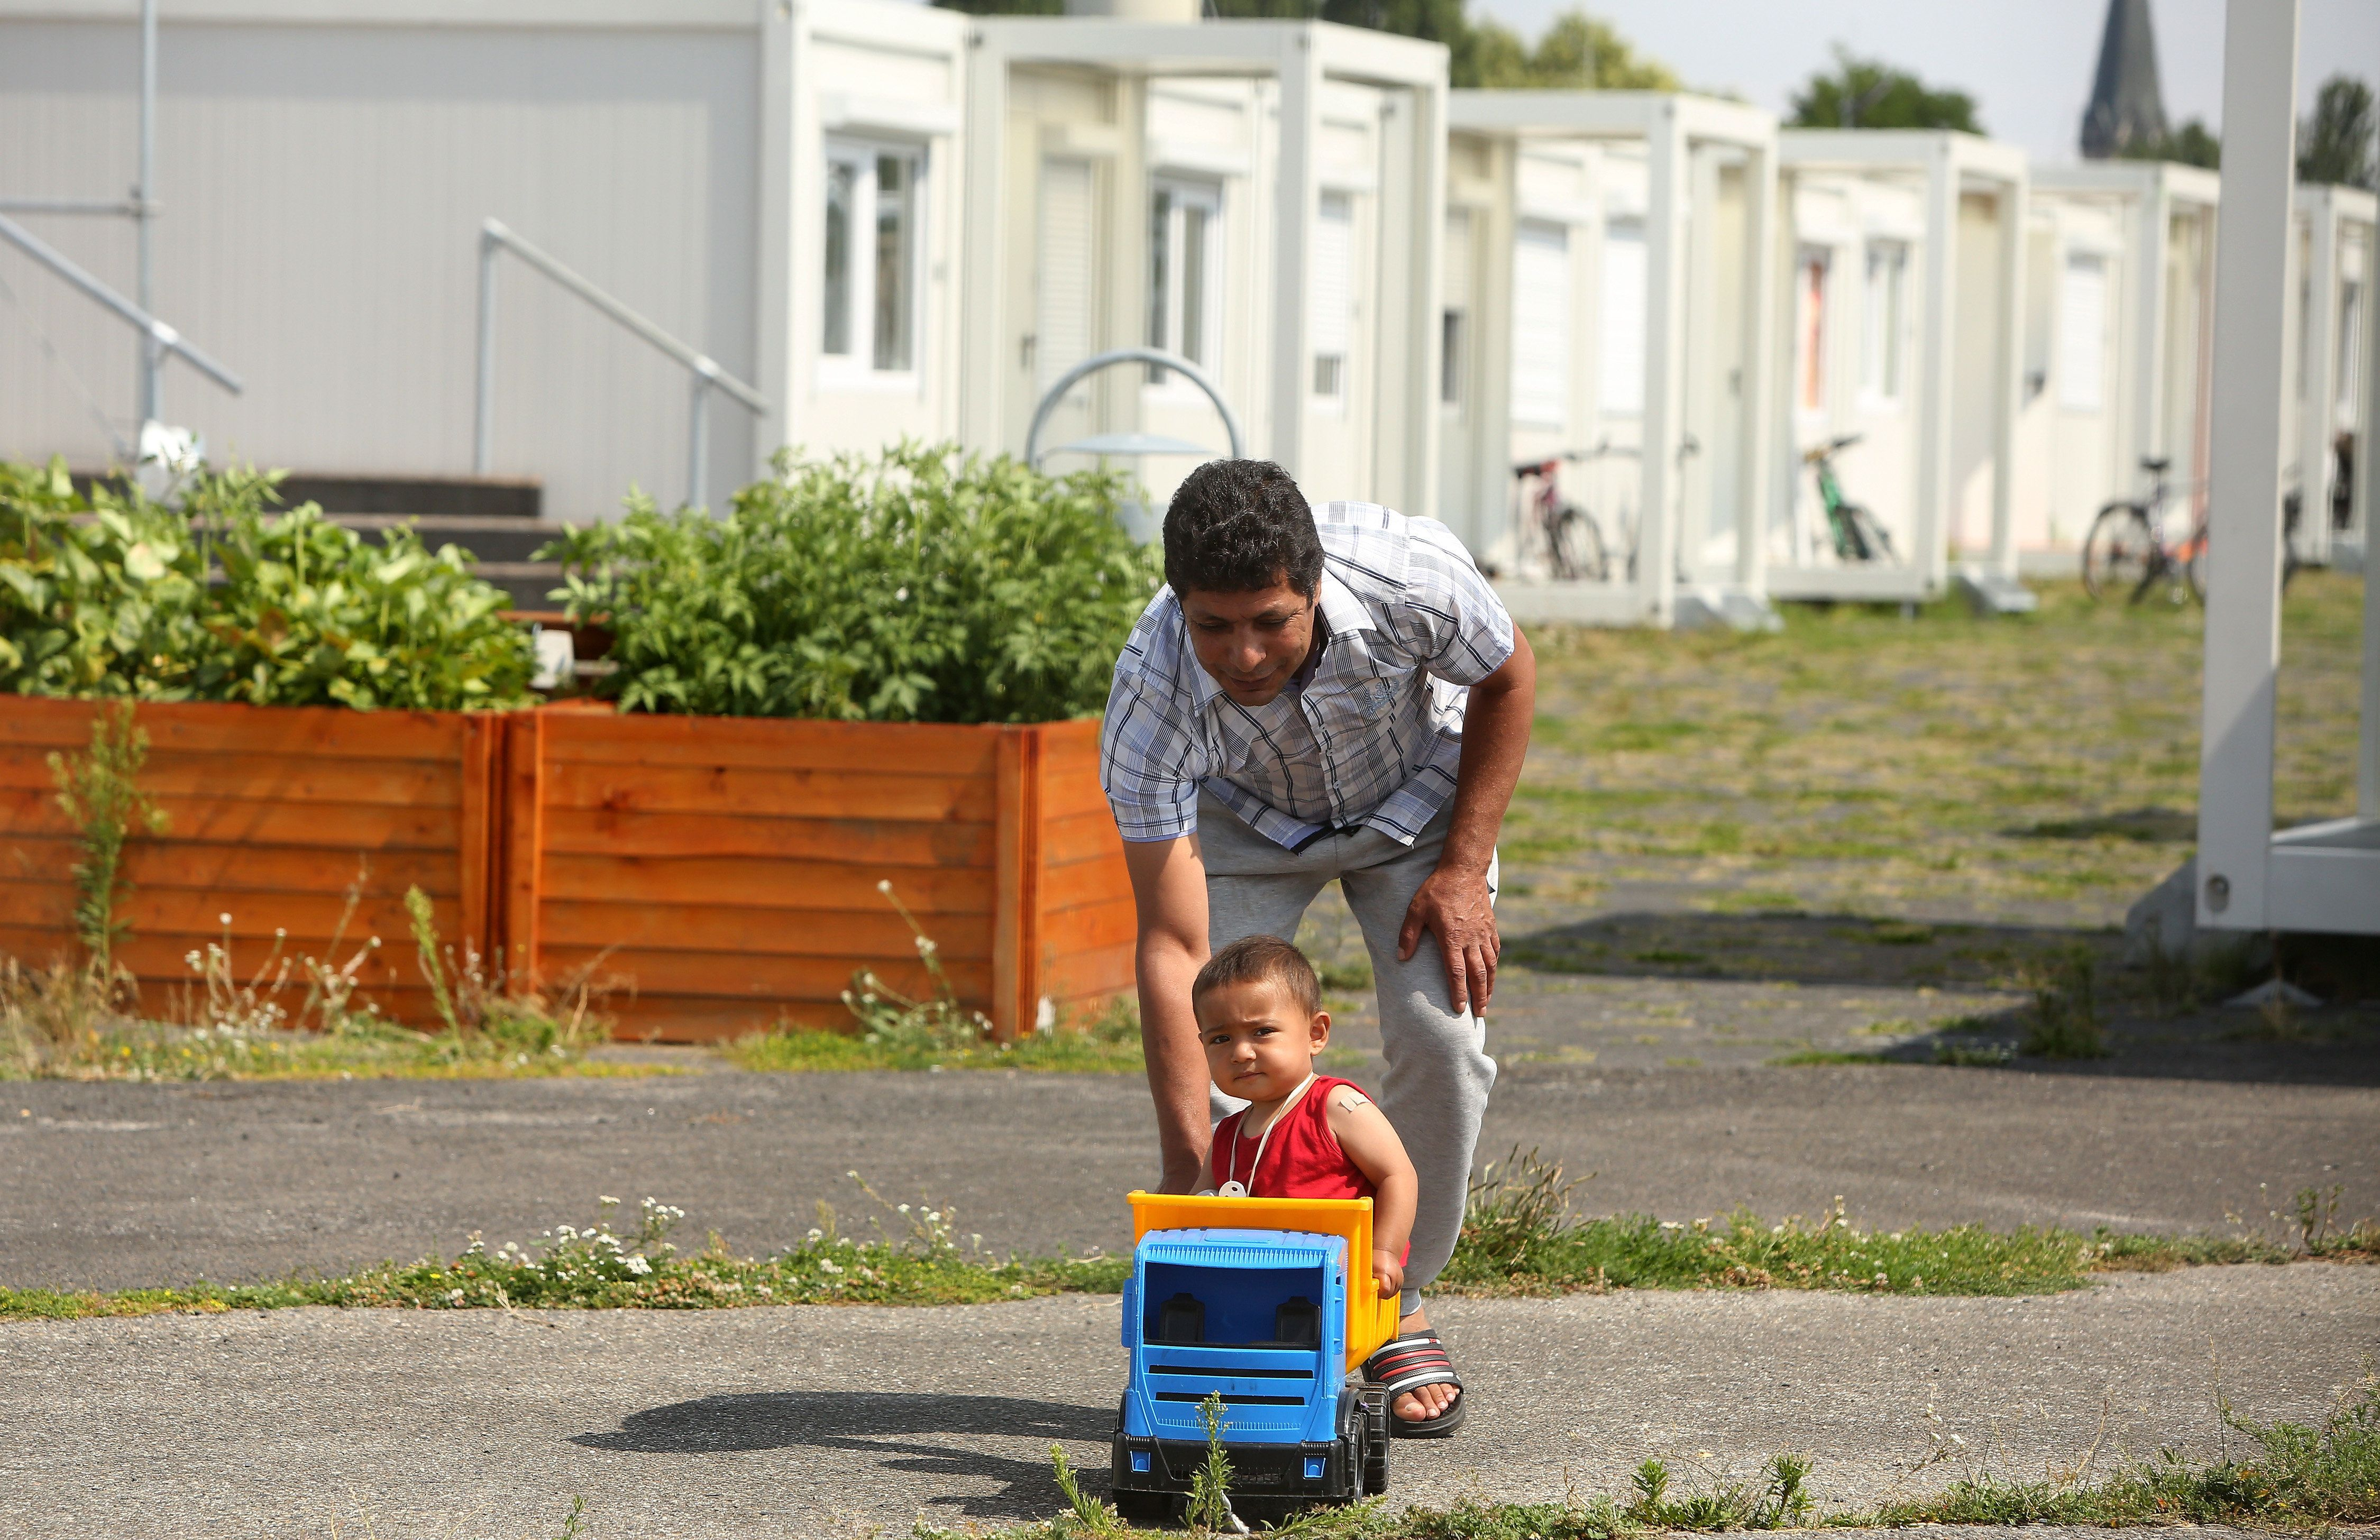 Γερμανία: Όλο και περισσότεροι πρόσφυγες βρίσκουν δουλειά στην